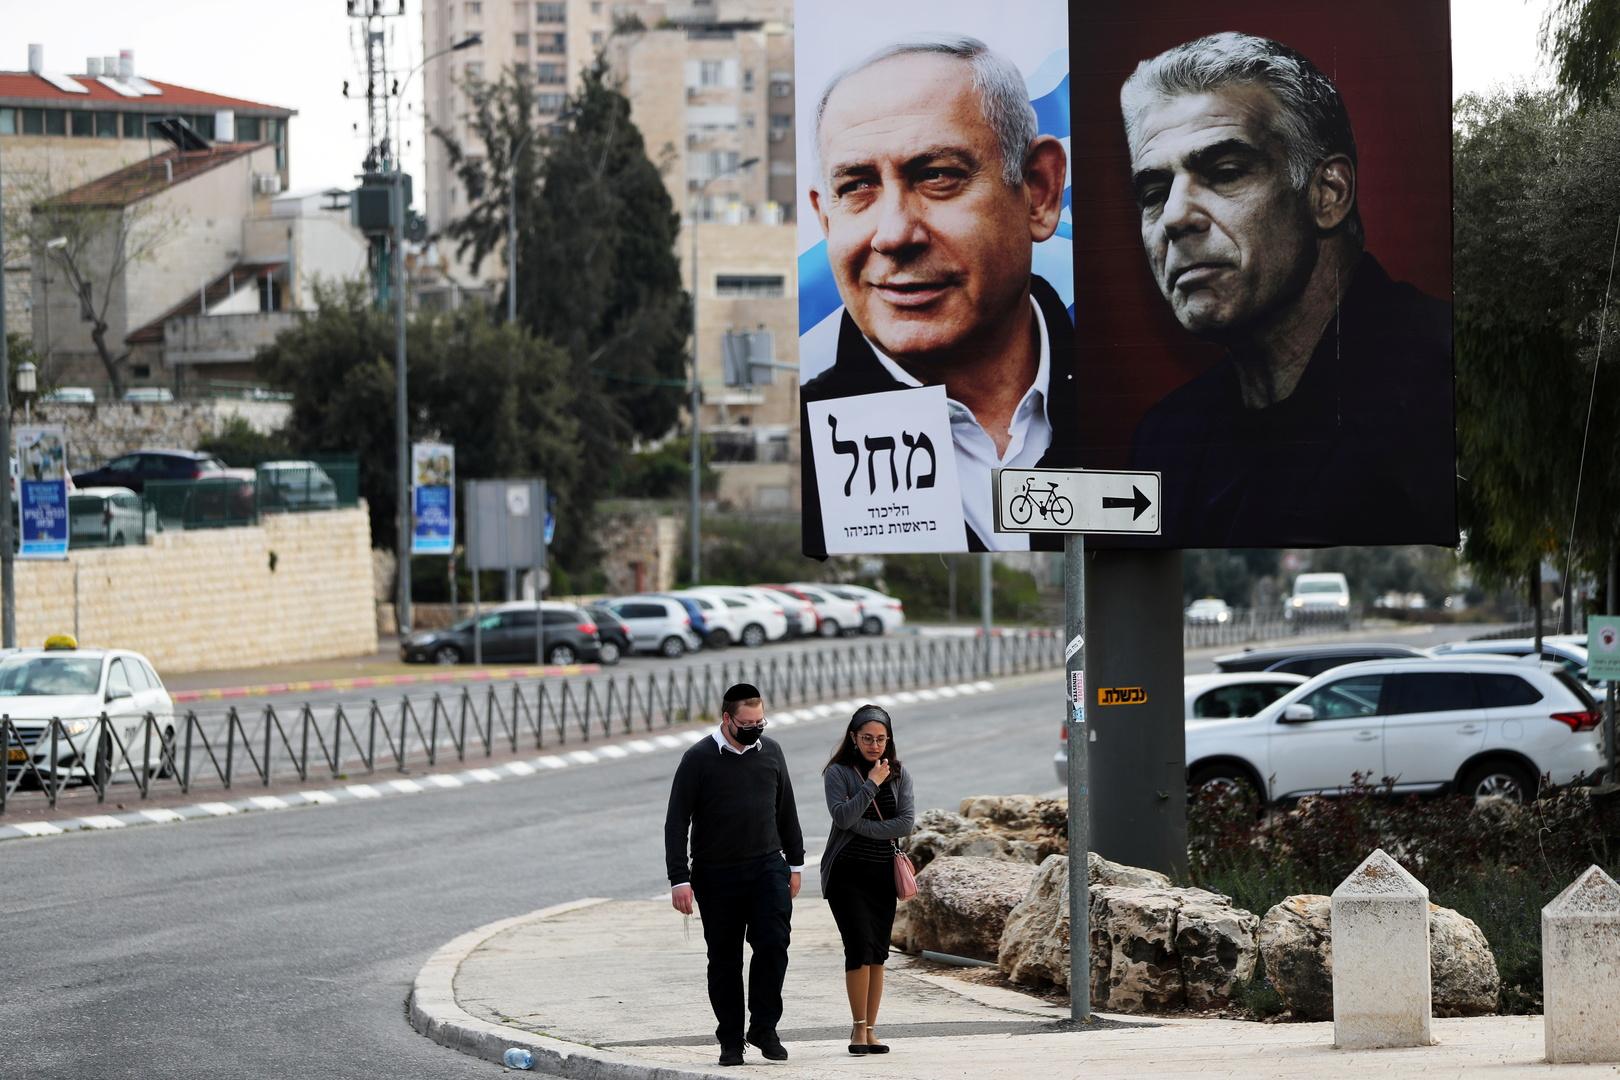 الرئيس الإسرائيلي يسمي رئيس الوزراء المكلف بتشكيل الحكومة الثلاثاء